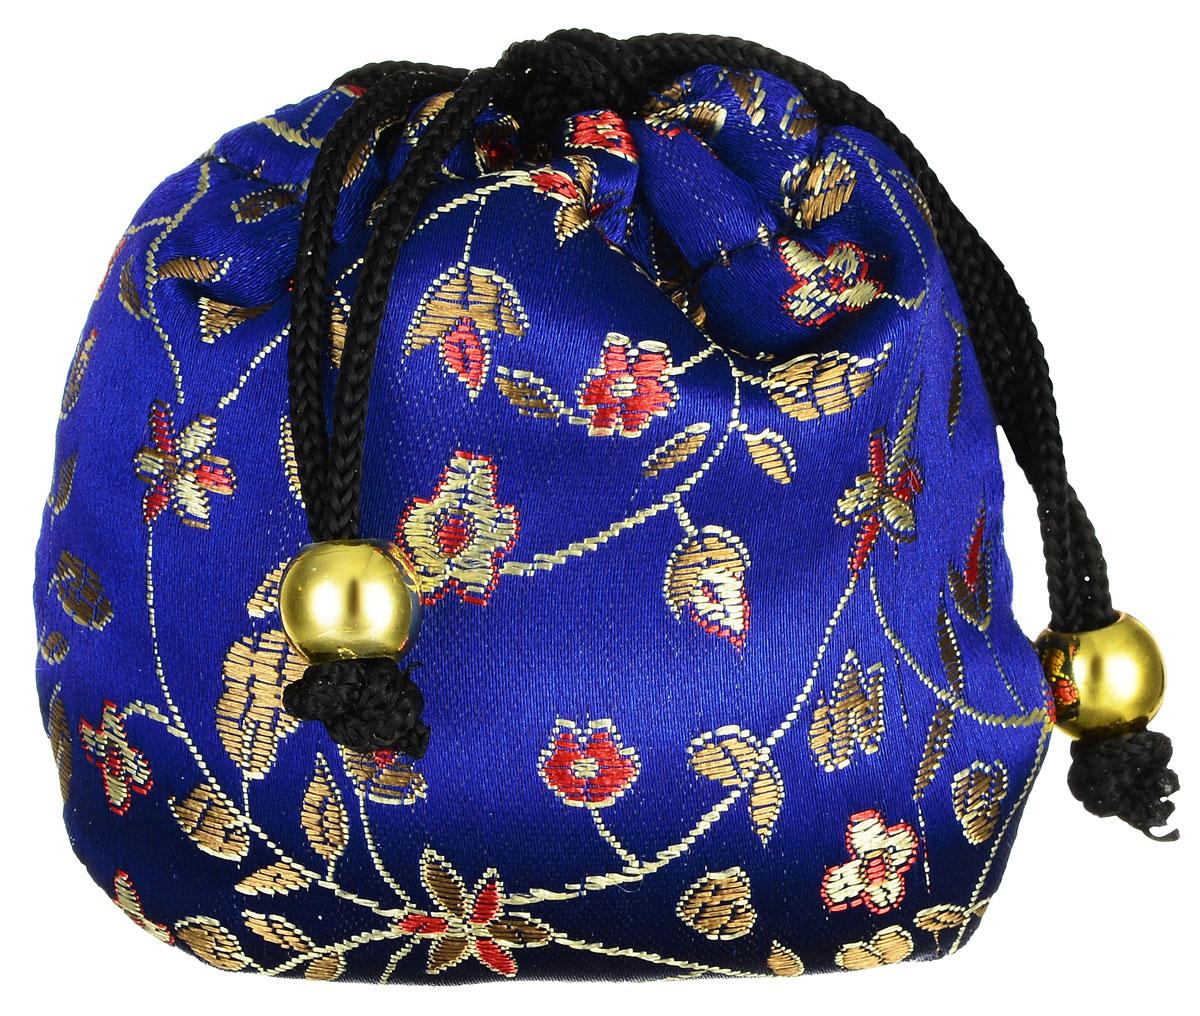 Masura Шелковый мешочек Ацуи для горячего и холодного массажа, цвет: синий804-1Шелковый мешочек Masura Ацуи применяется для холодного и горячего массажа рук и ароматерапии при проведении процедуры Японский маникюр. Изделие, оформленное цветочной вышивкой, затягивается на кулиску с декоративными бусинами. Наполнен мешочек морской солью, сухоцветами и аромамаслами. Материал мешочка: текстиль, пластик. Размер наполненного мешочка: 6,5 см х 6,5 см х 5 см. Товар сертифицирован.